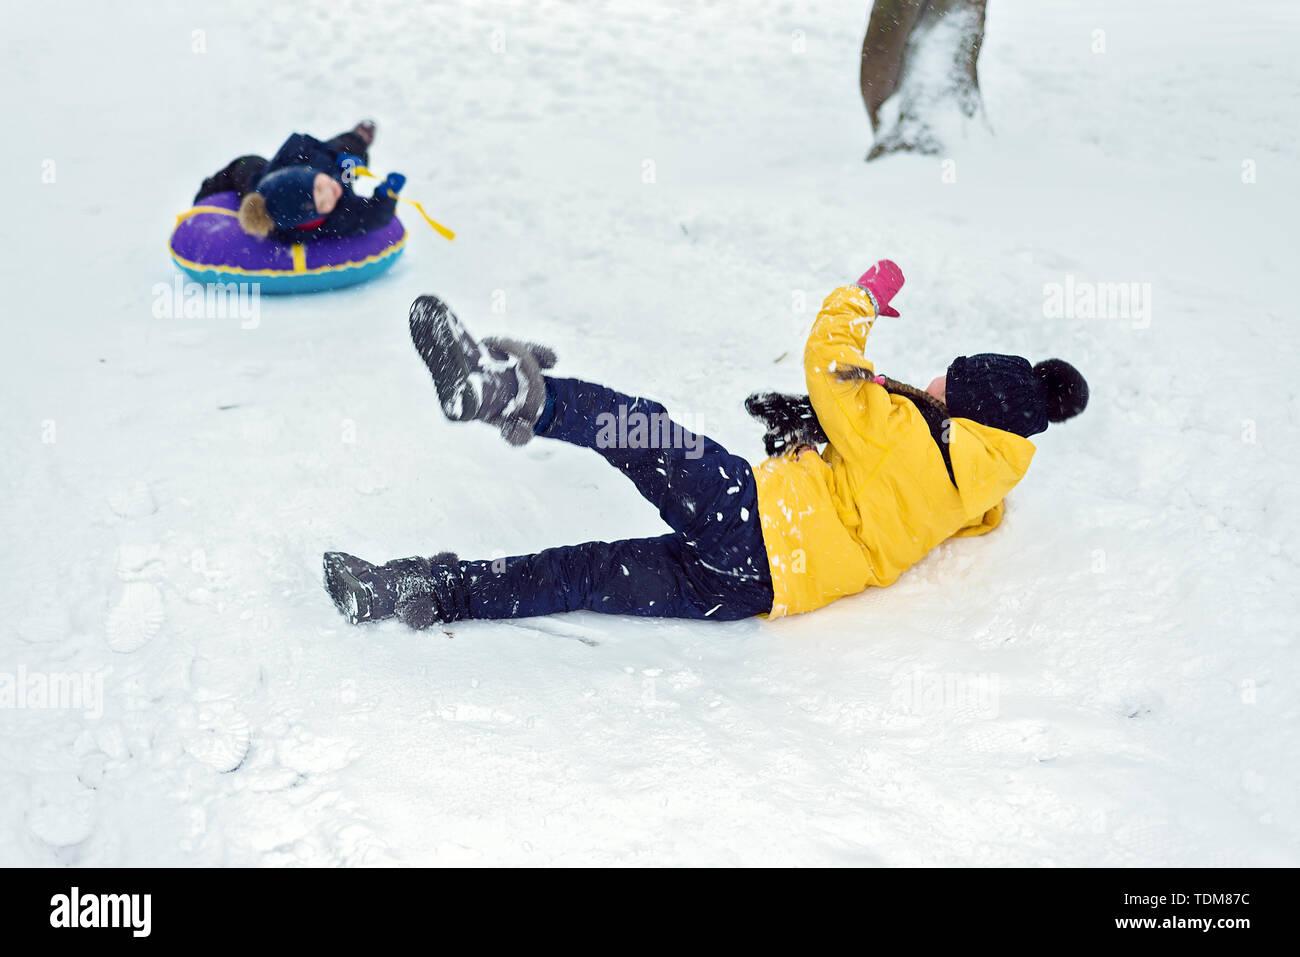 Glückliche Kinder fahren im Winter auf einem Schlitten schieben. Bruder und Schwester spielen zusammen. kids fiel und im Schnee gleiten Stockfoto